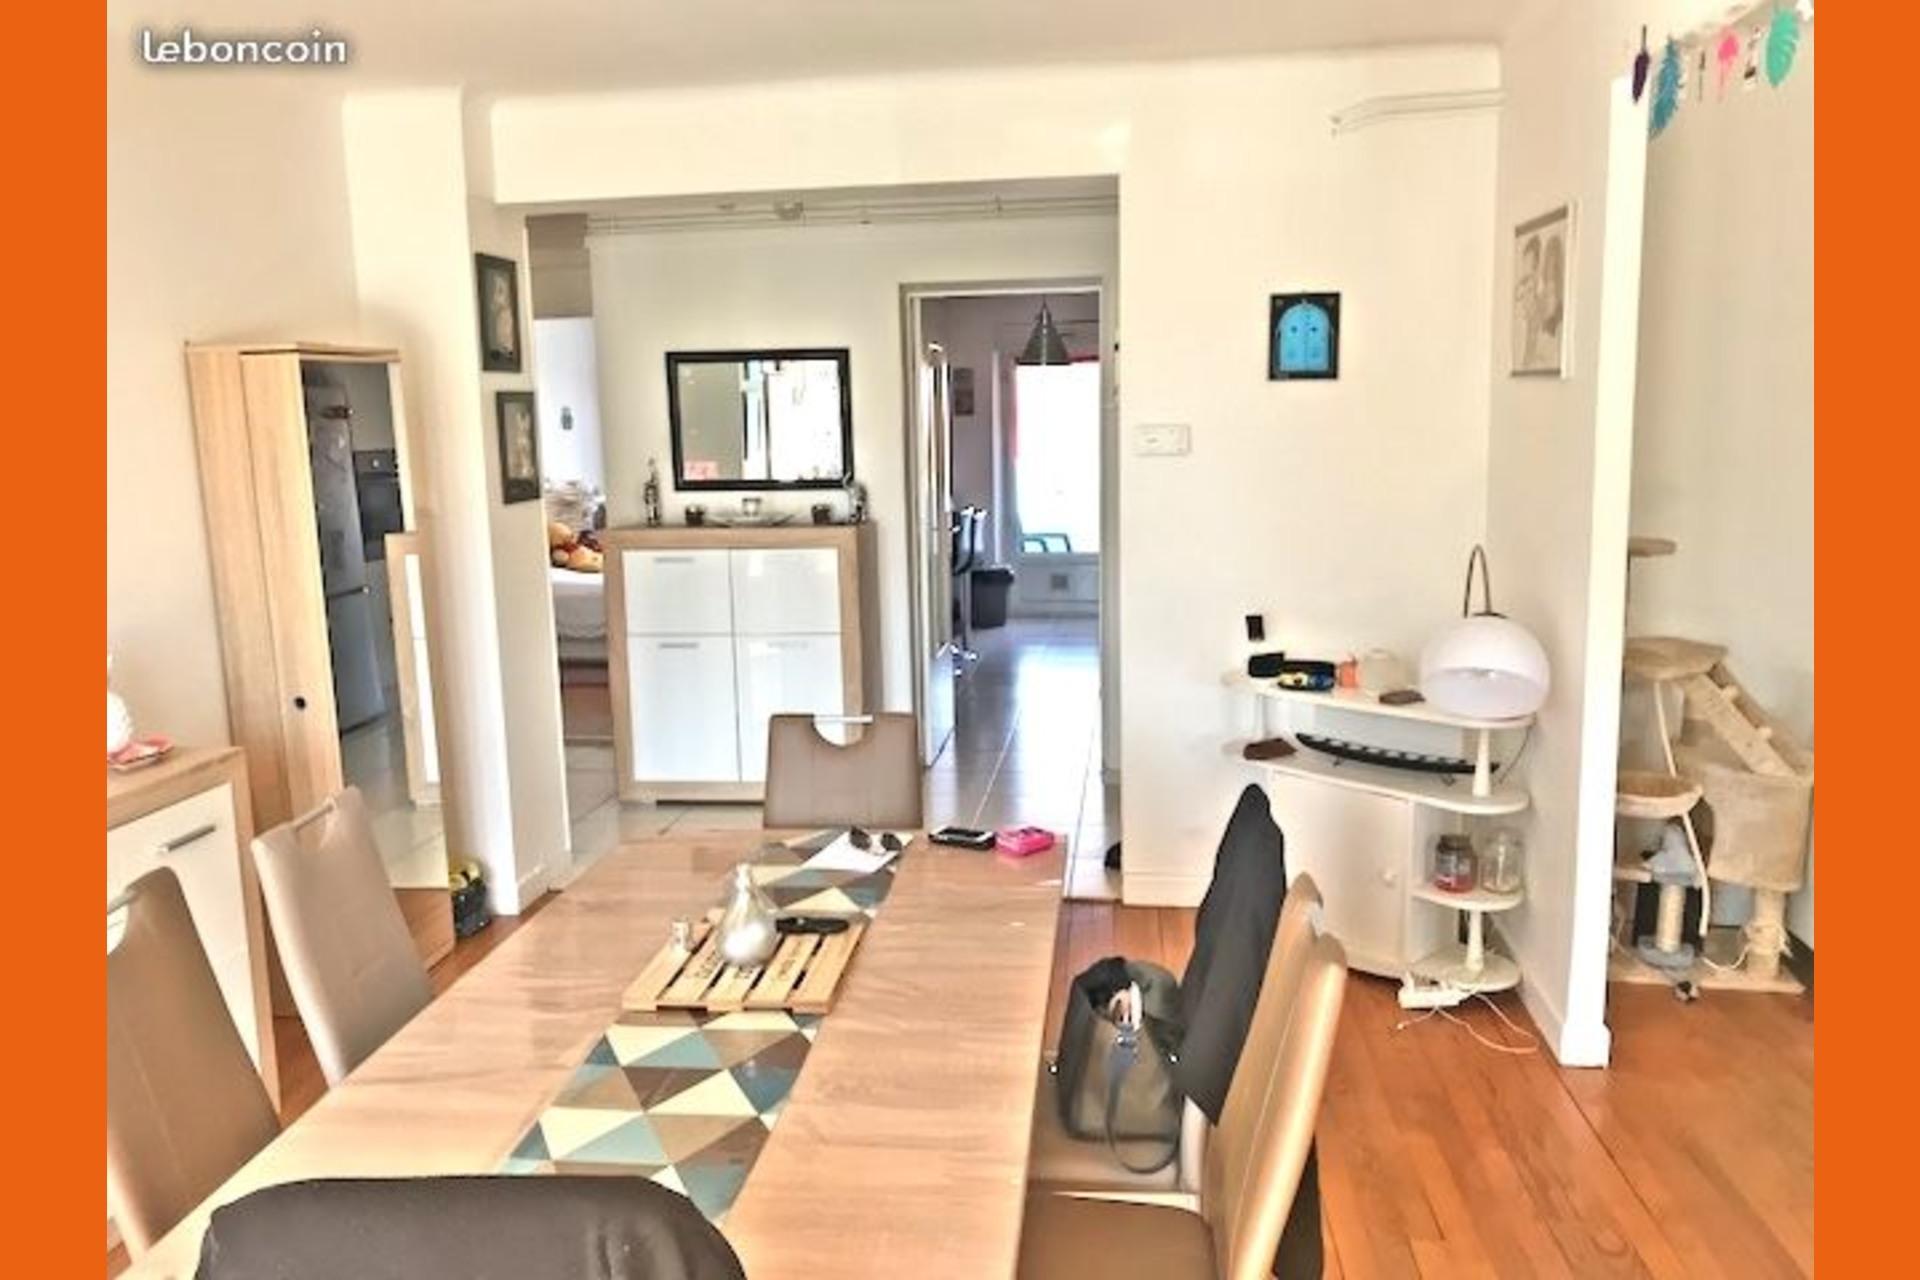 image 3 - Appartement À louer Montigny-lès-Metz